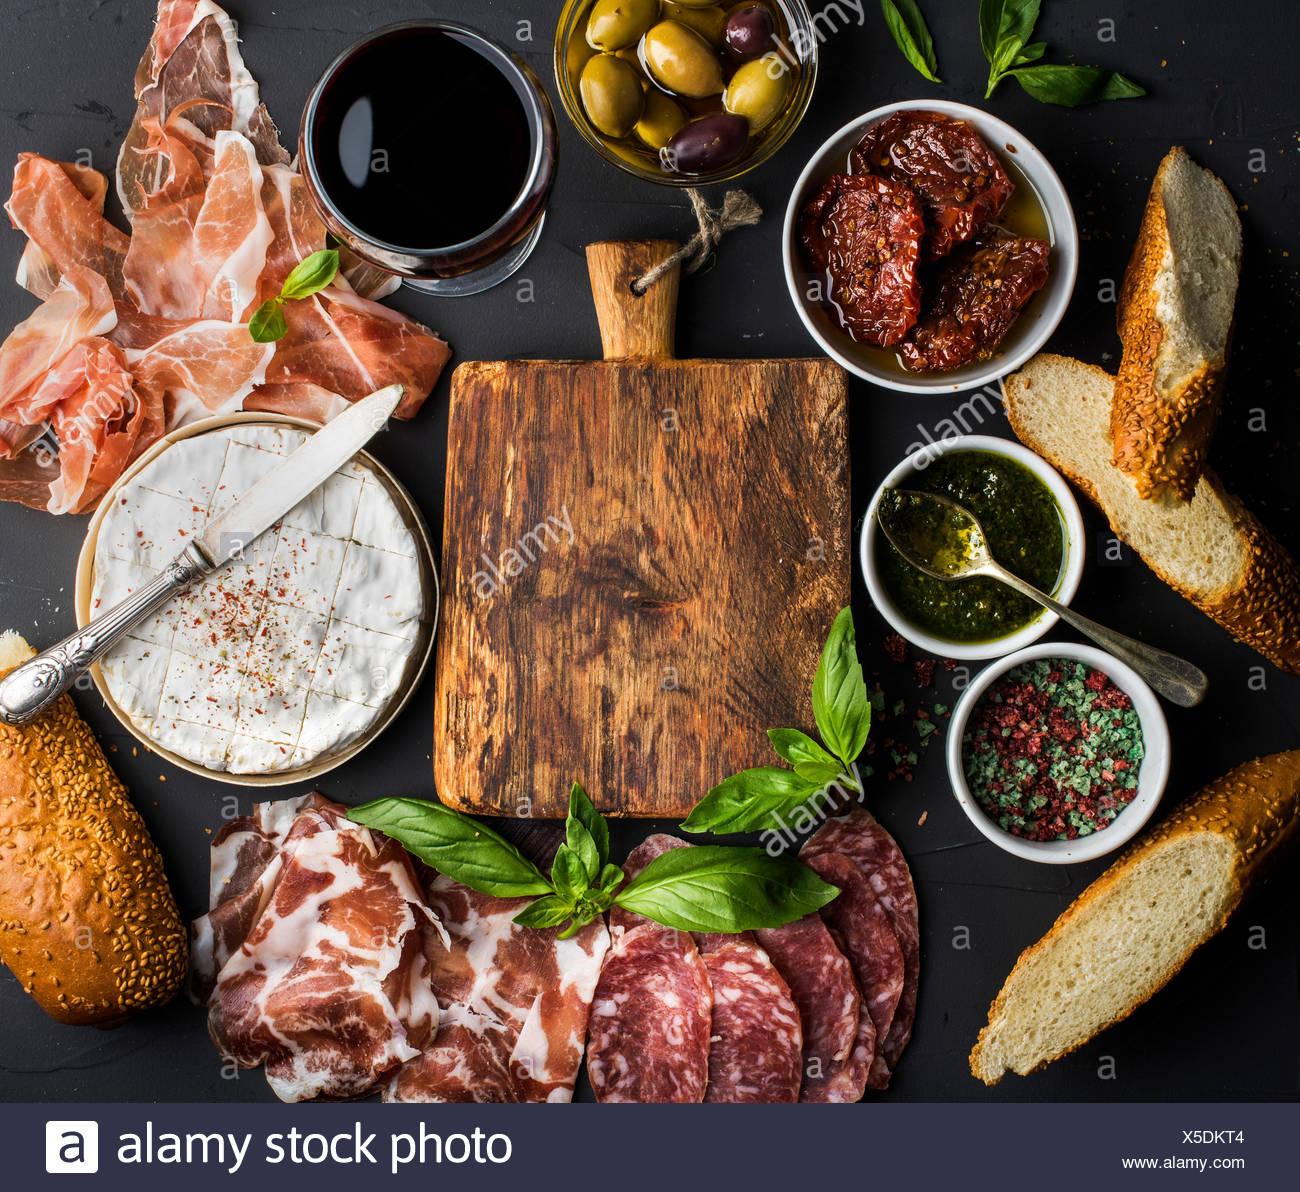 Snack-vin avec jeu de planche de bois vide dans le centre. Verre de rouge, de viande, de la Méditerranée olives, tomates séchées, baguet Photo Stock